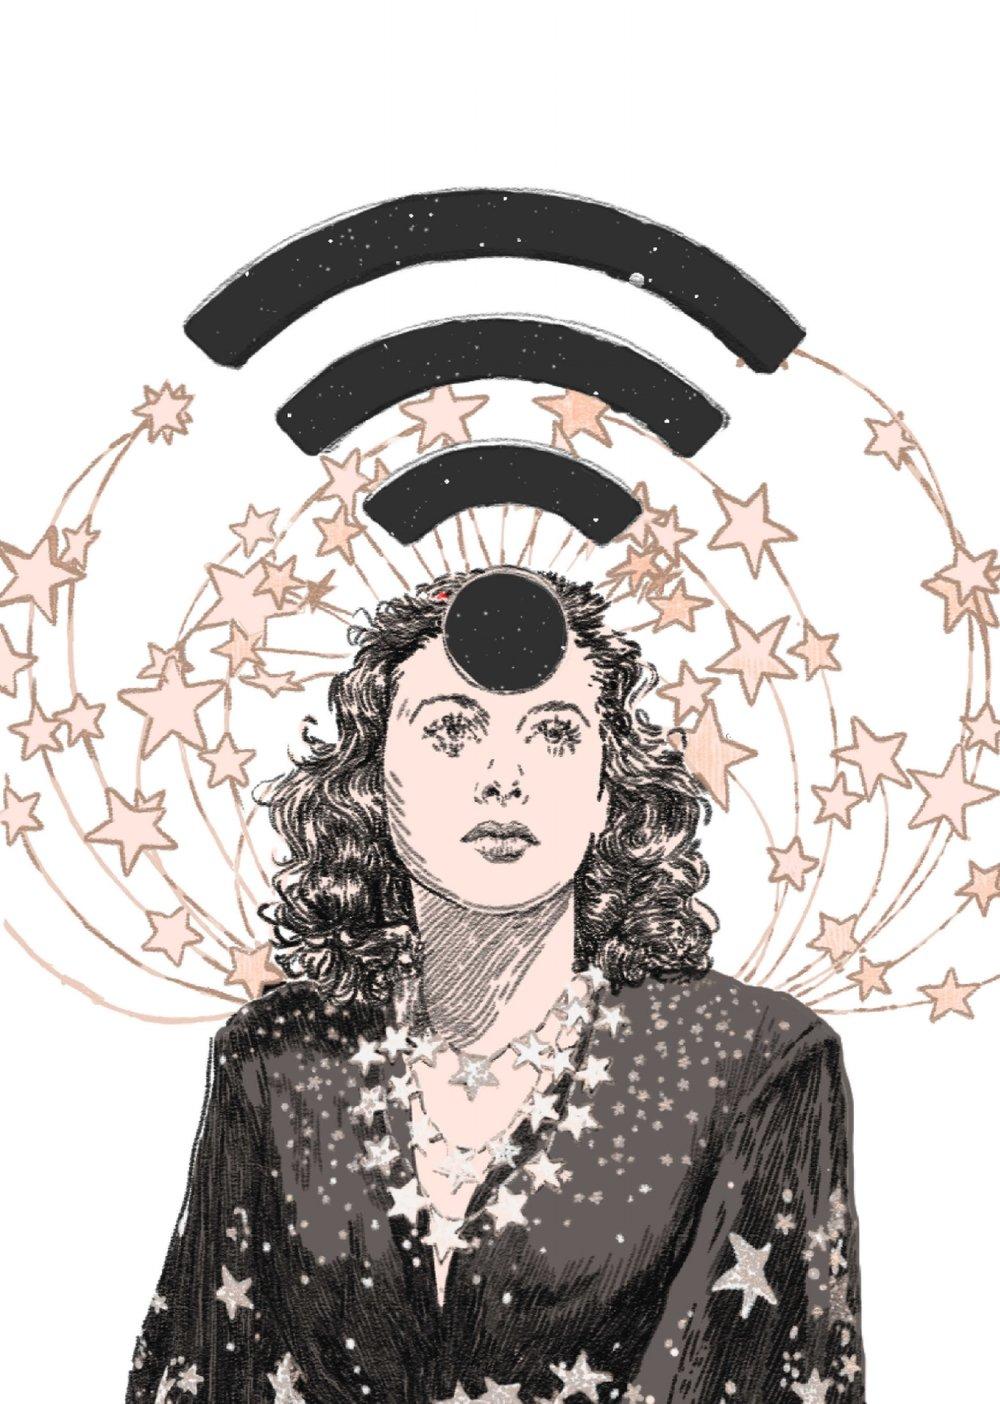 'mother of wifi' Hedy Lamarr